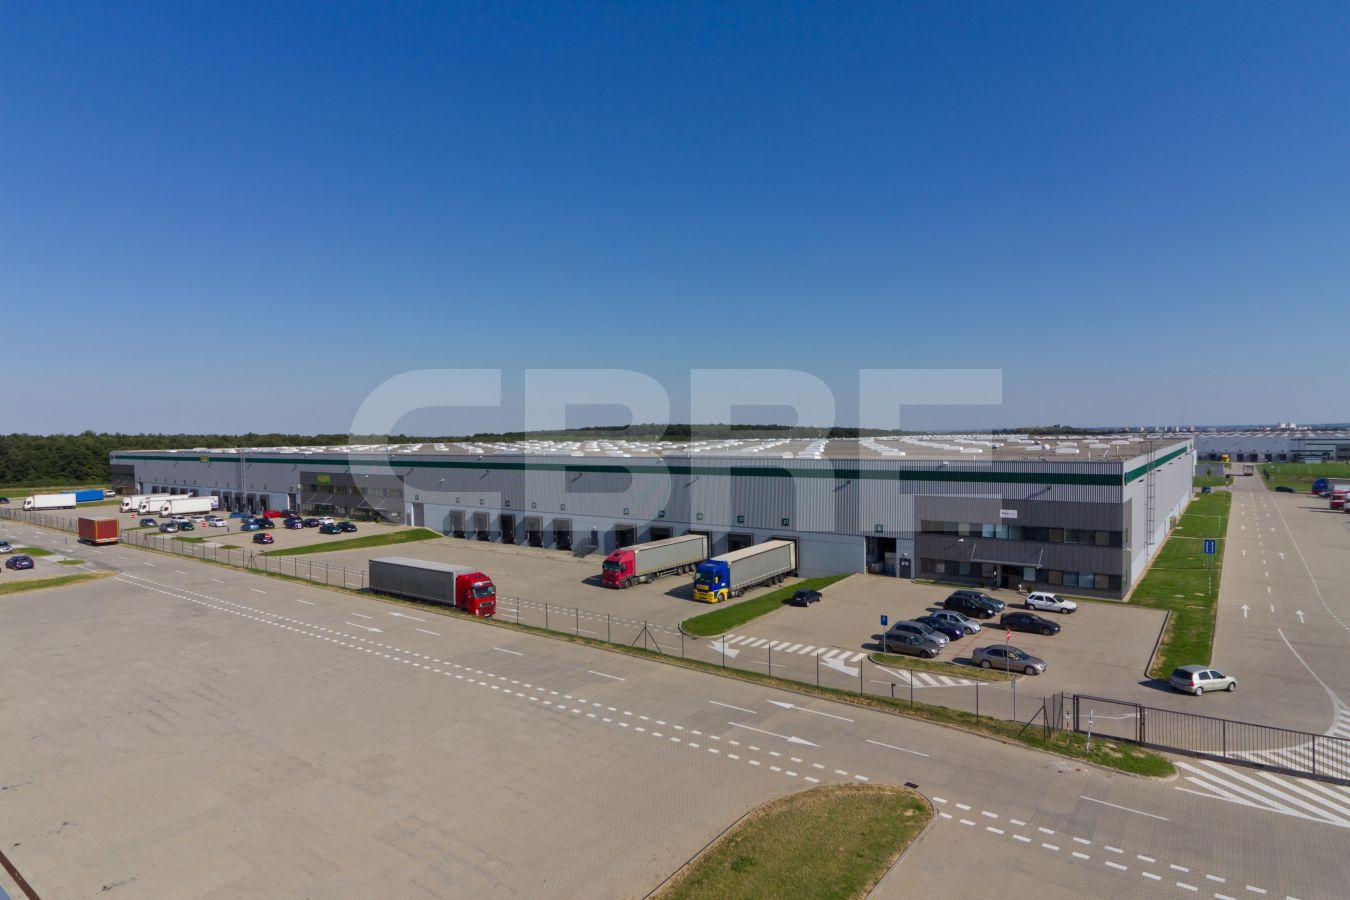 Prologis Park Senec - DC5, Bratislava Region, Senec | Warehouses for rent or sale by CBRE | 1